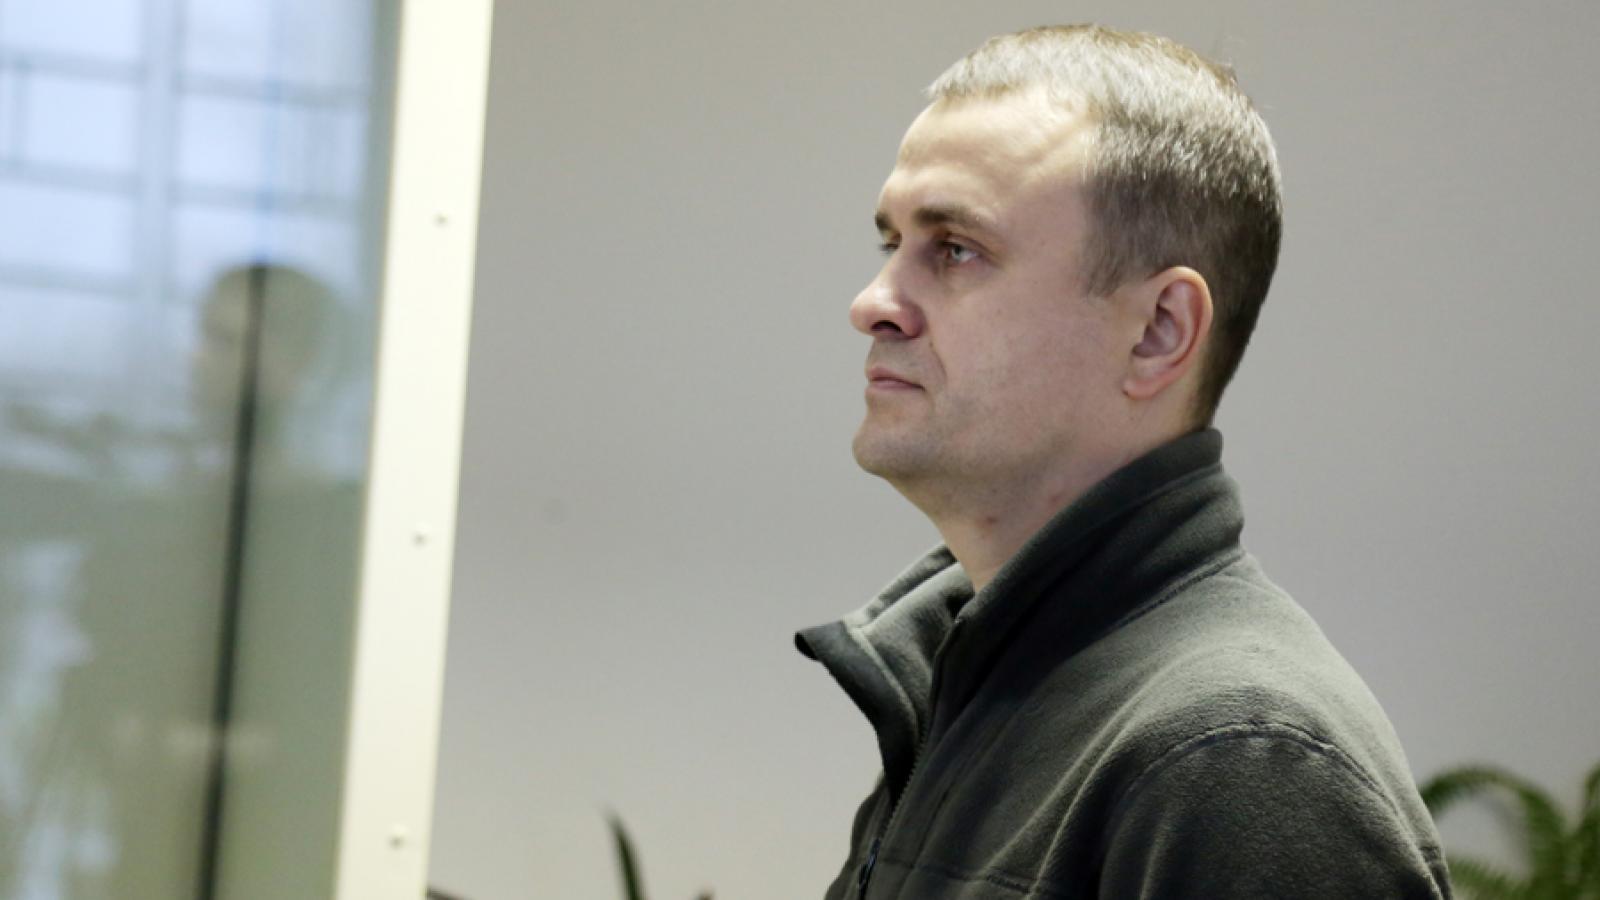 Бывшему замгубернатору Вологодской области смягчили срок